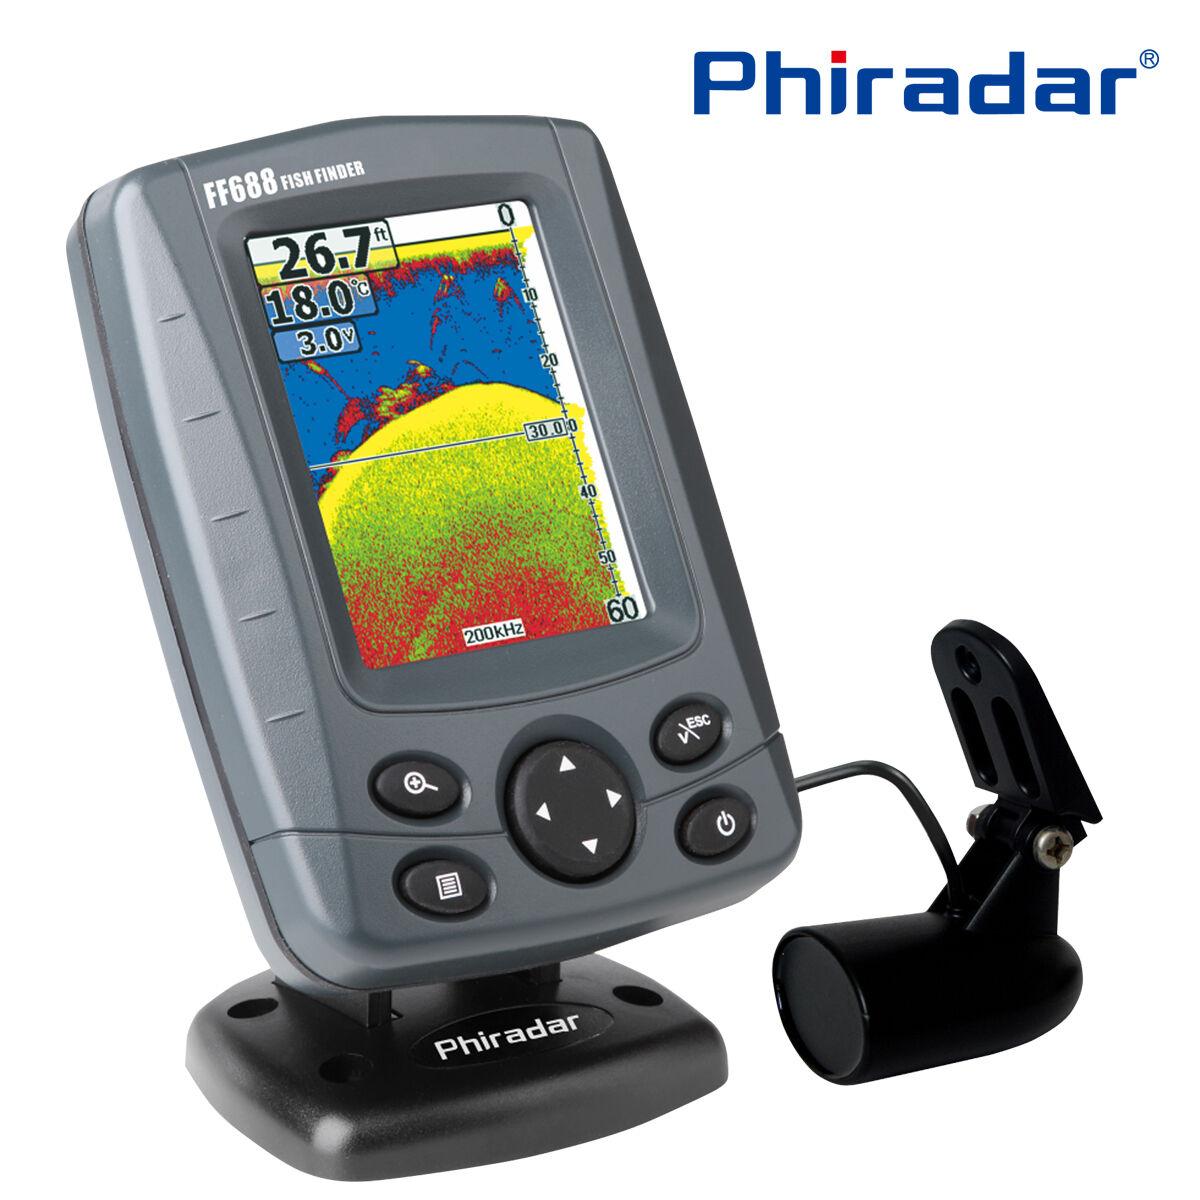 Phiradar FF688C barco Sonar Buscador de Los Pescados Peces & Profundidad Alarma Audible supersónica K8U9